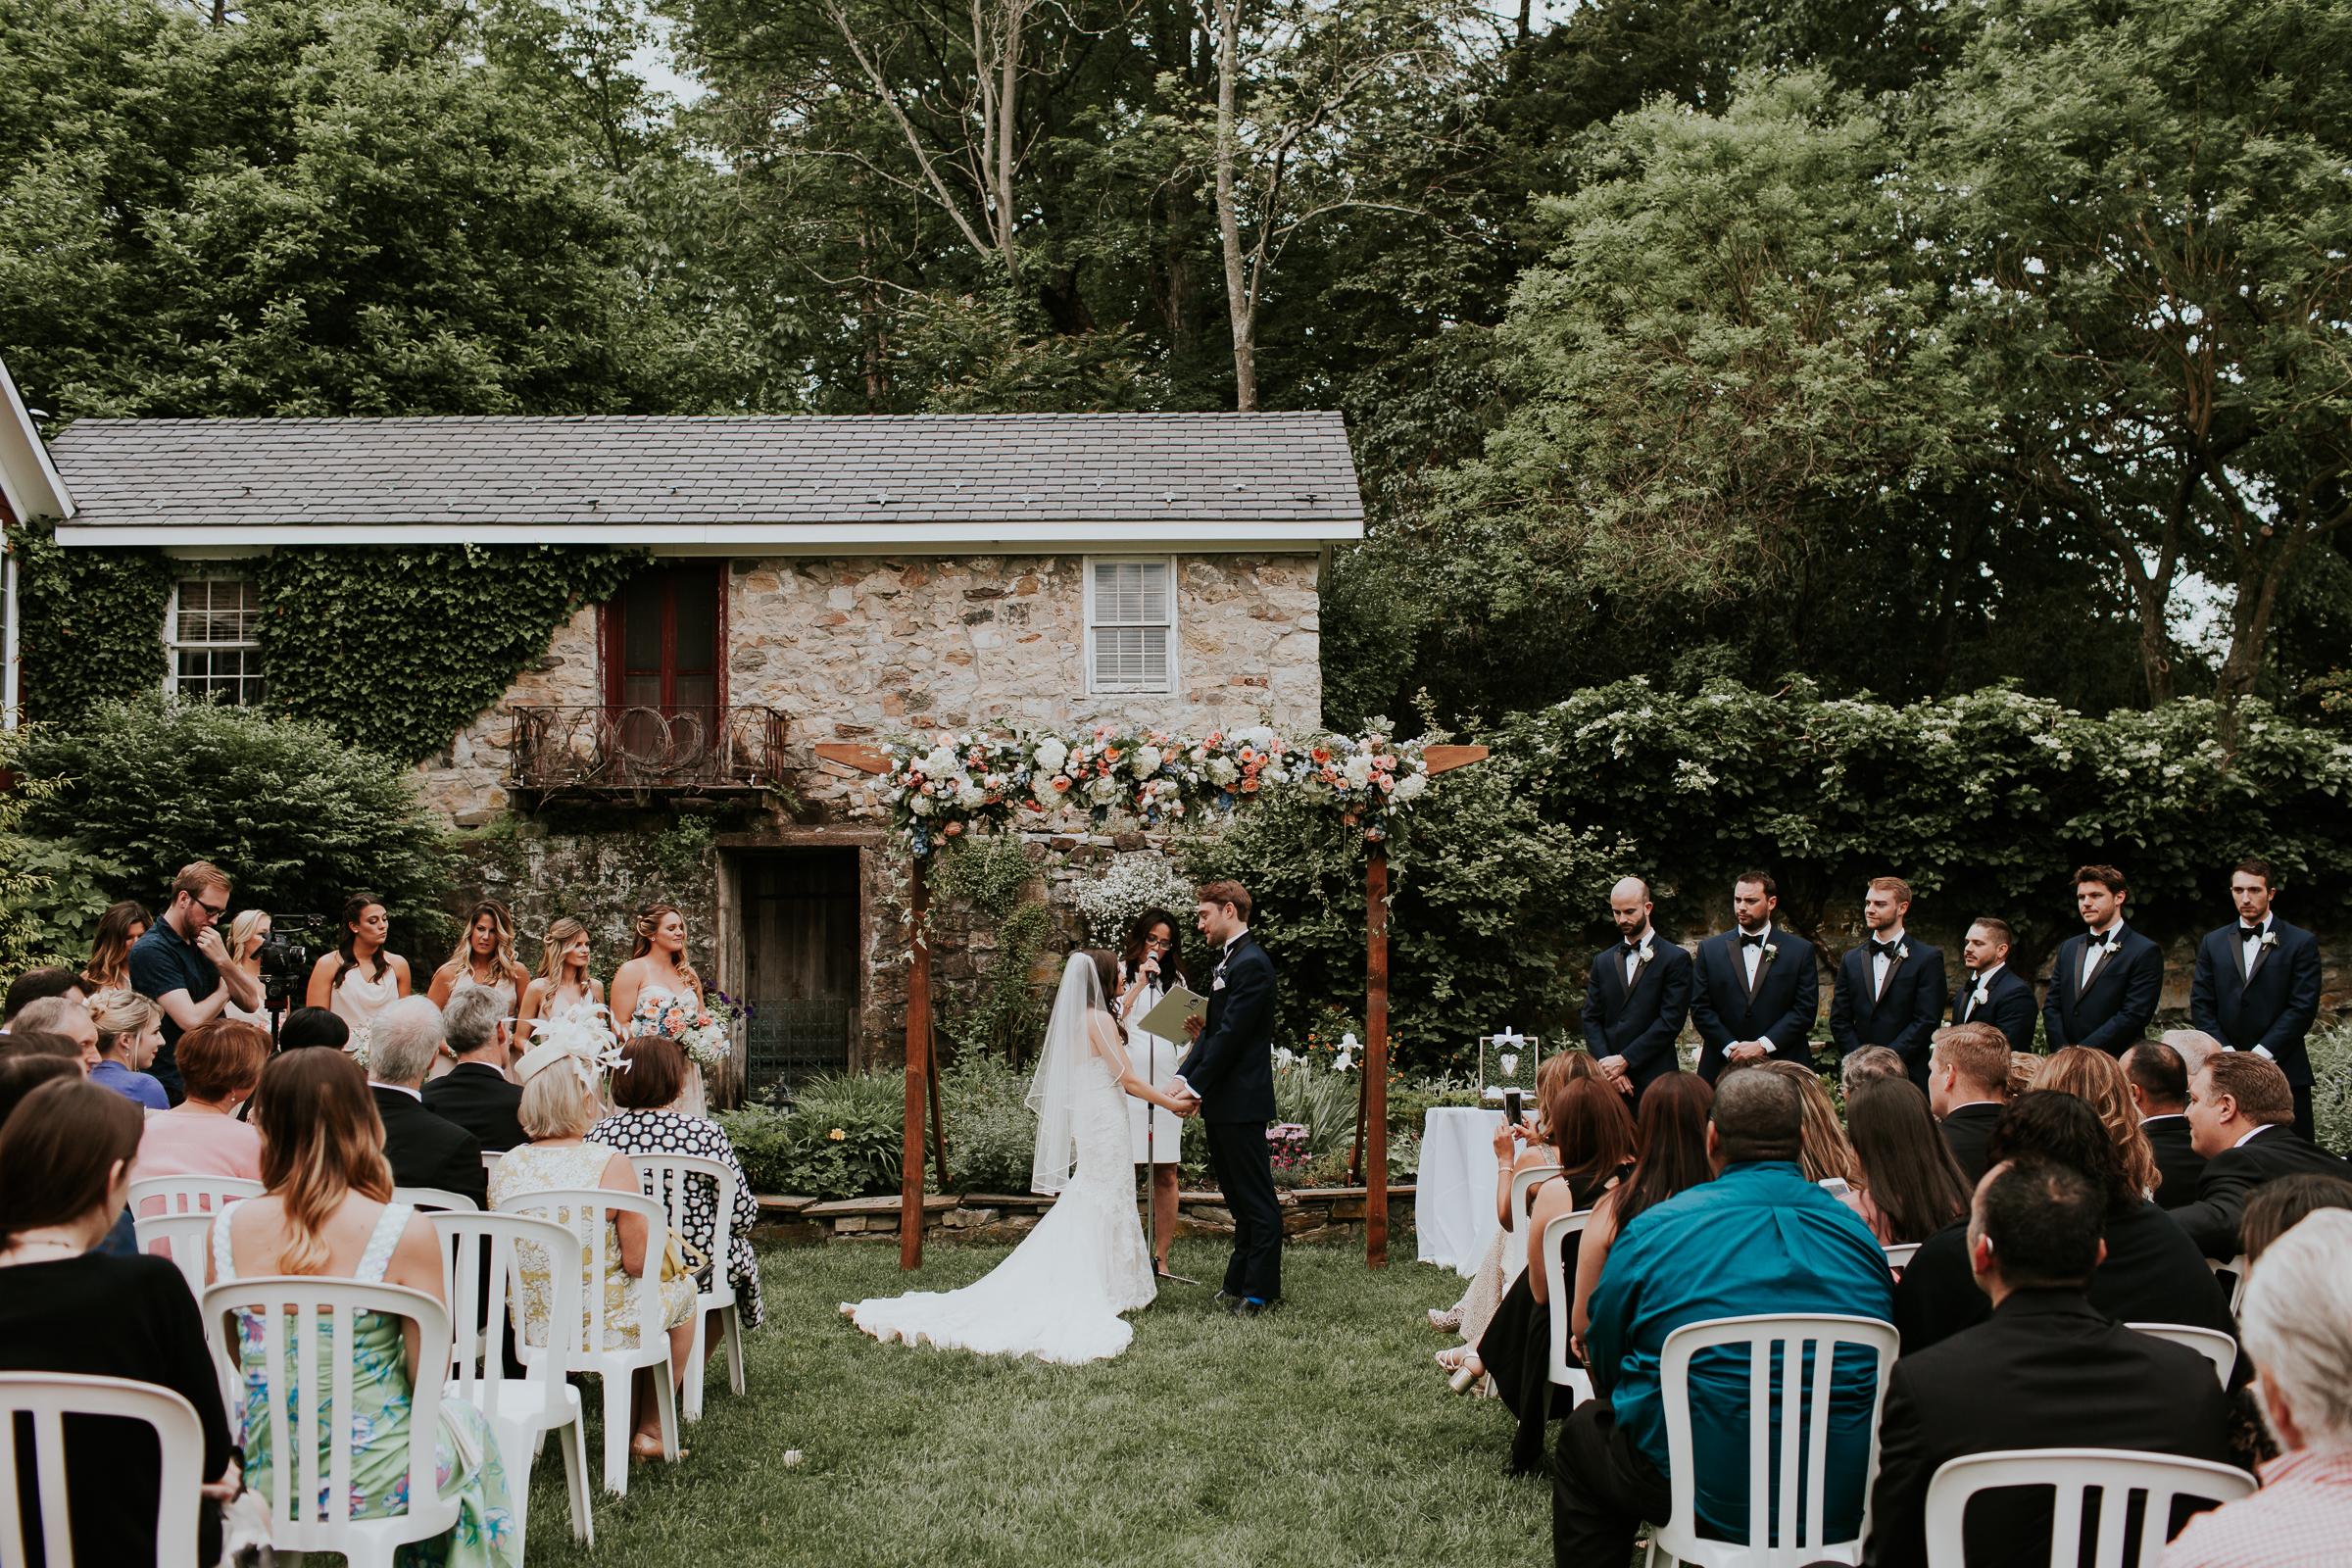 Crossed-Keys-Estate-Andover-NJ-Fine-Art-Documentary-Wedding-Photographer-84.jpg